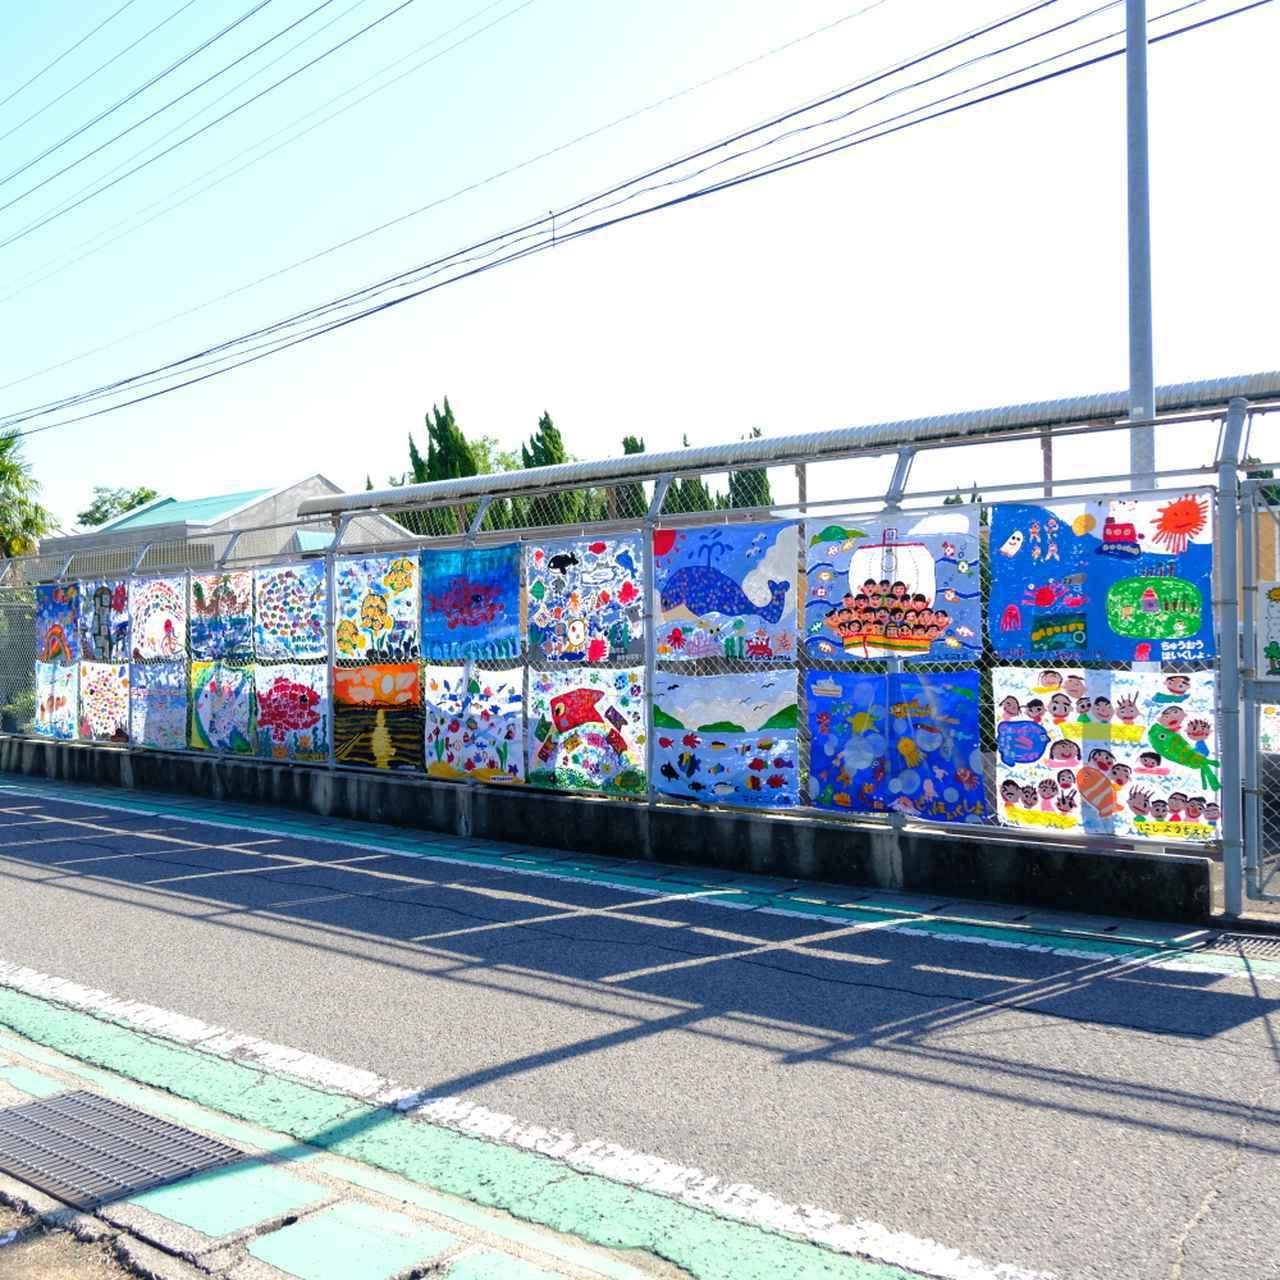 画像: 島内を周る間に通る保育所、小学校、中学校には手作りの絵画やアートが飾られています。可愛くも微笑ましいお出迎えを受けました。